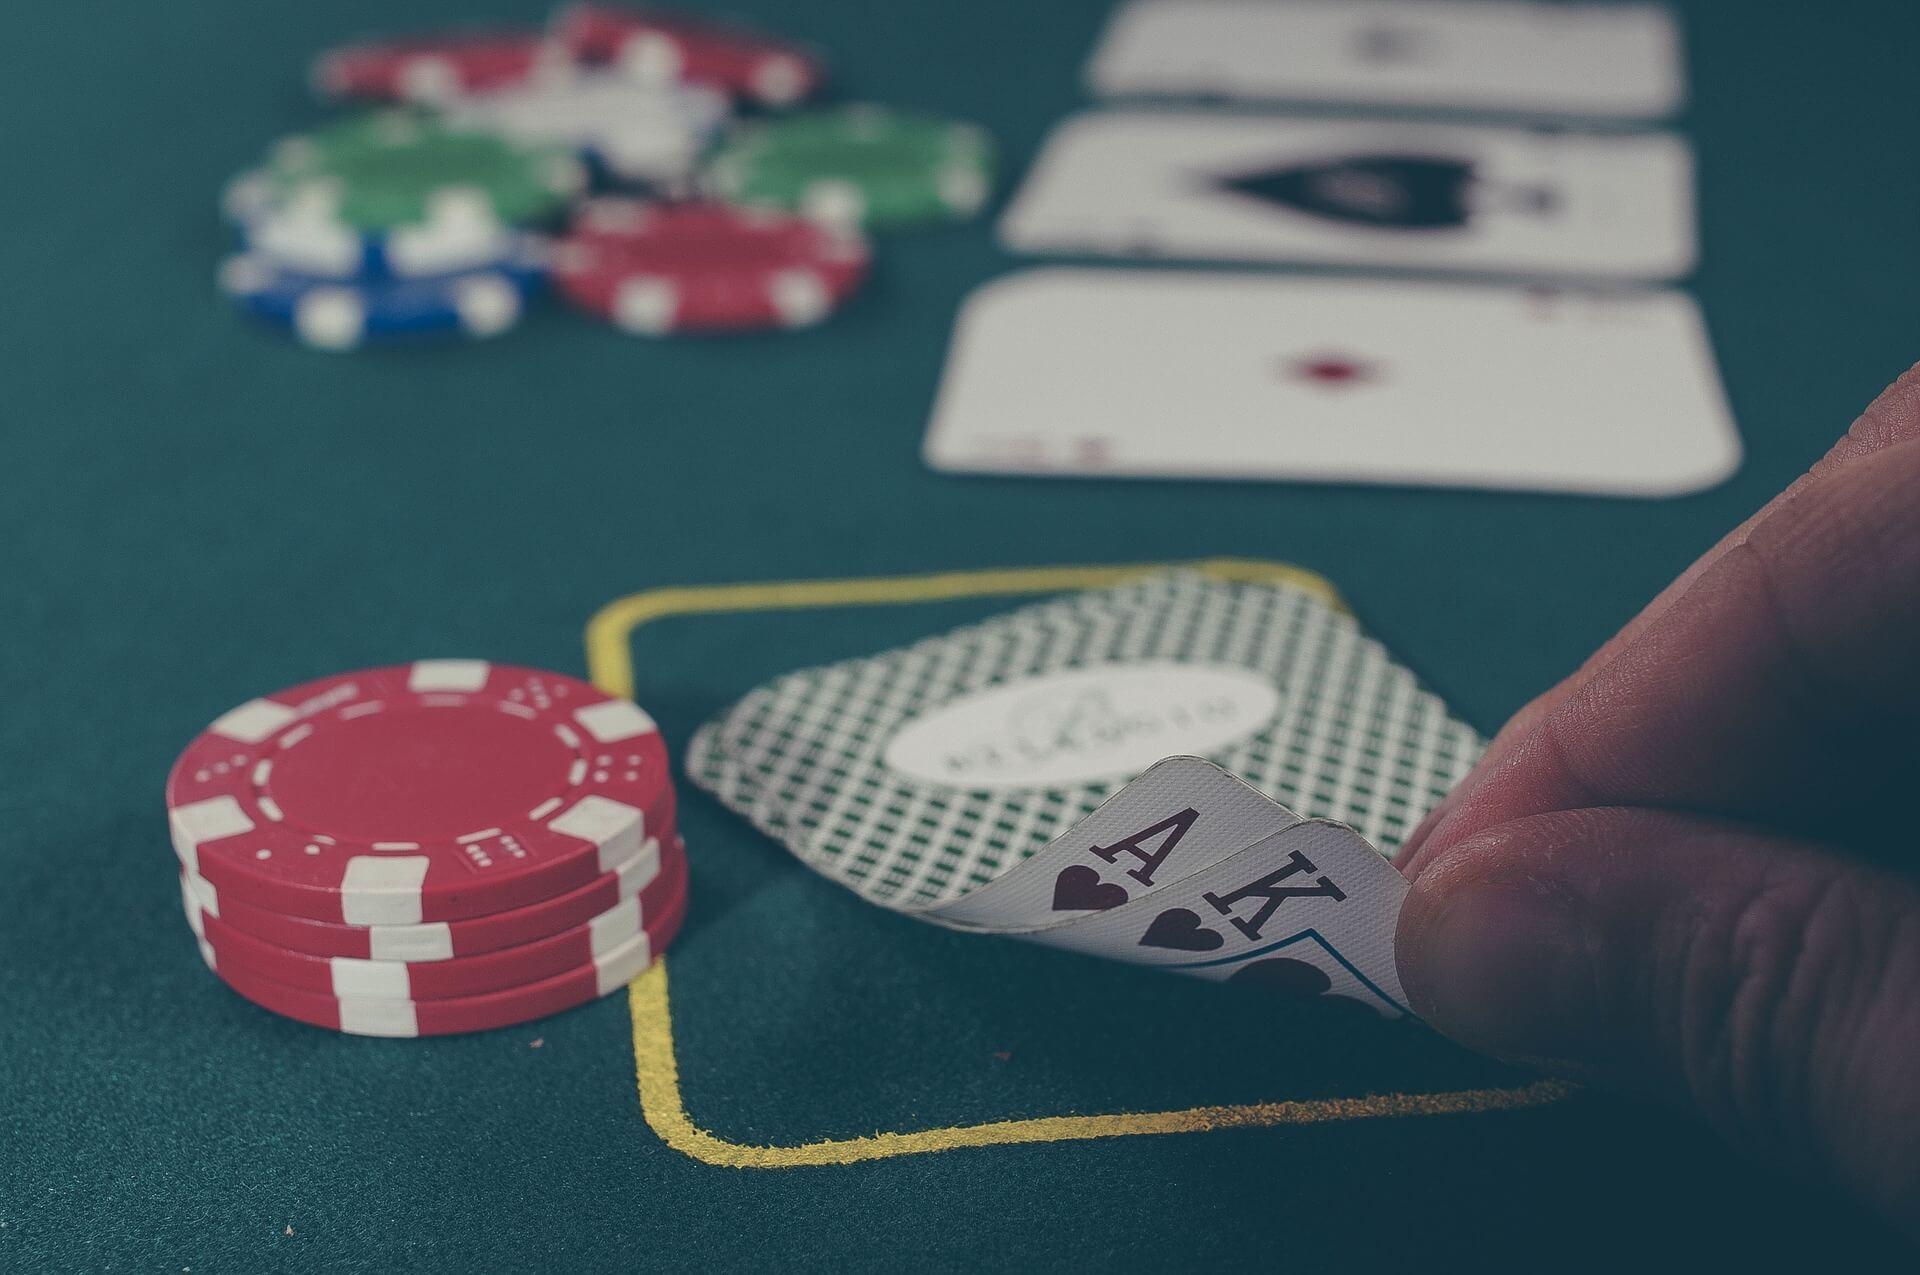 Blockchain - hoạt động cờ bạc trá hình